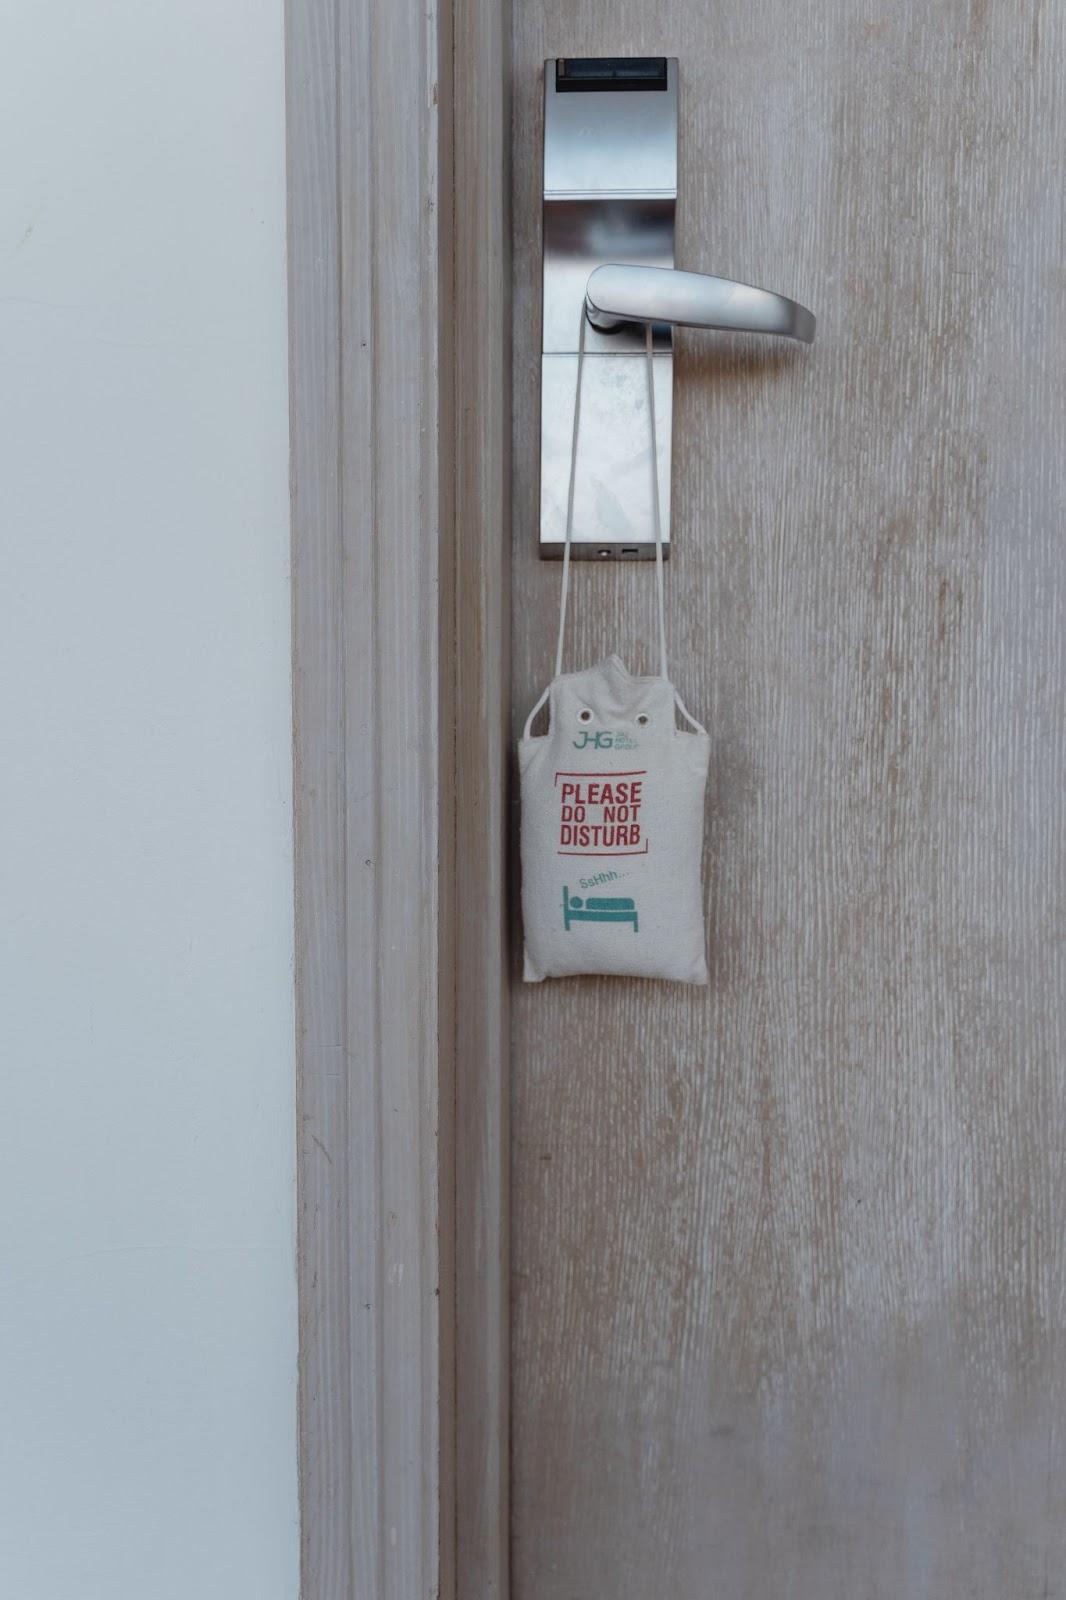 Door hanger bag on a hotel door